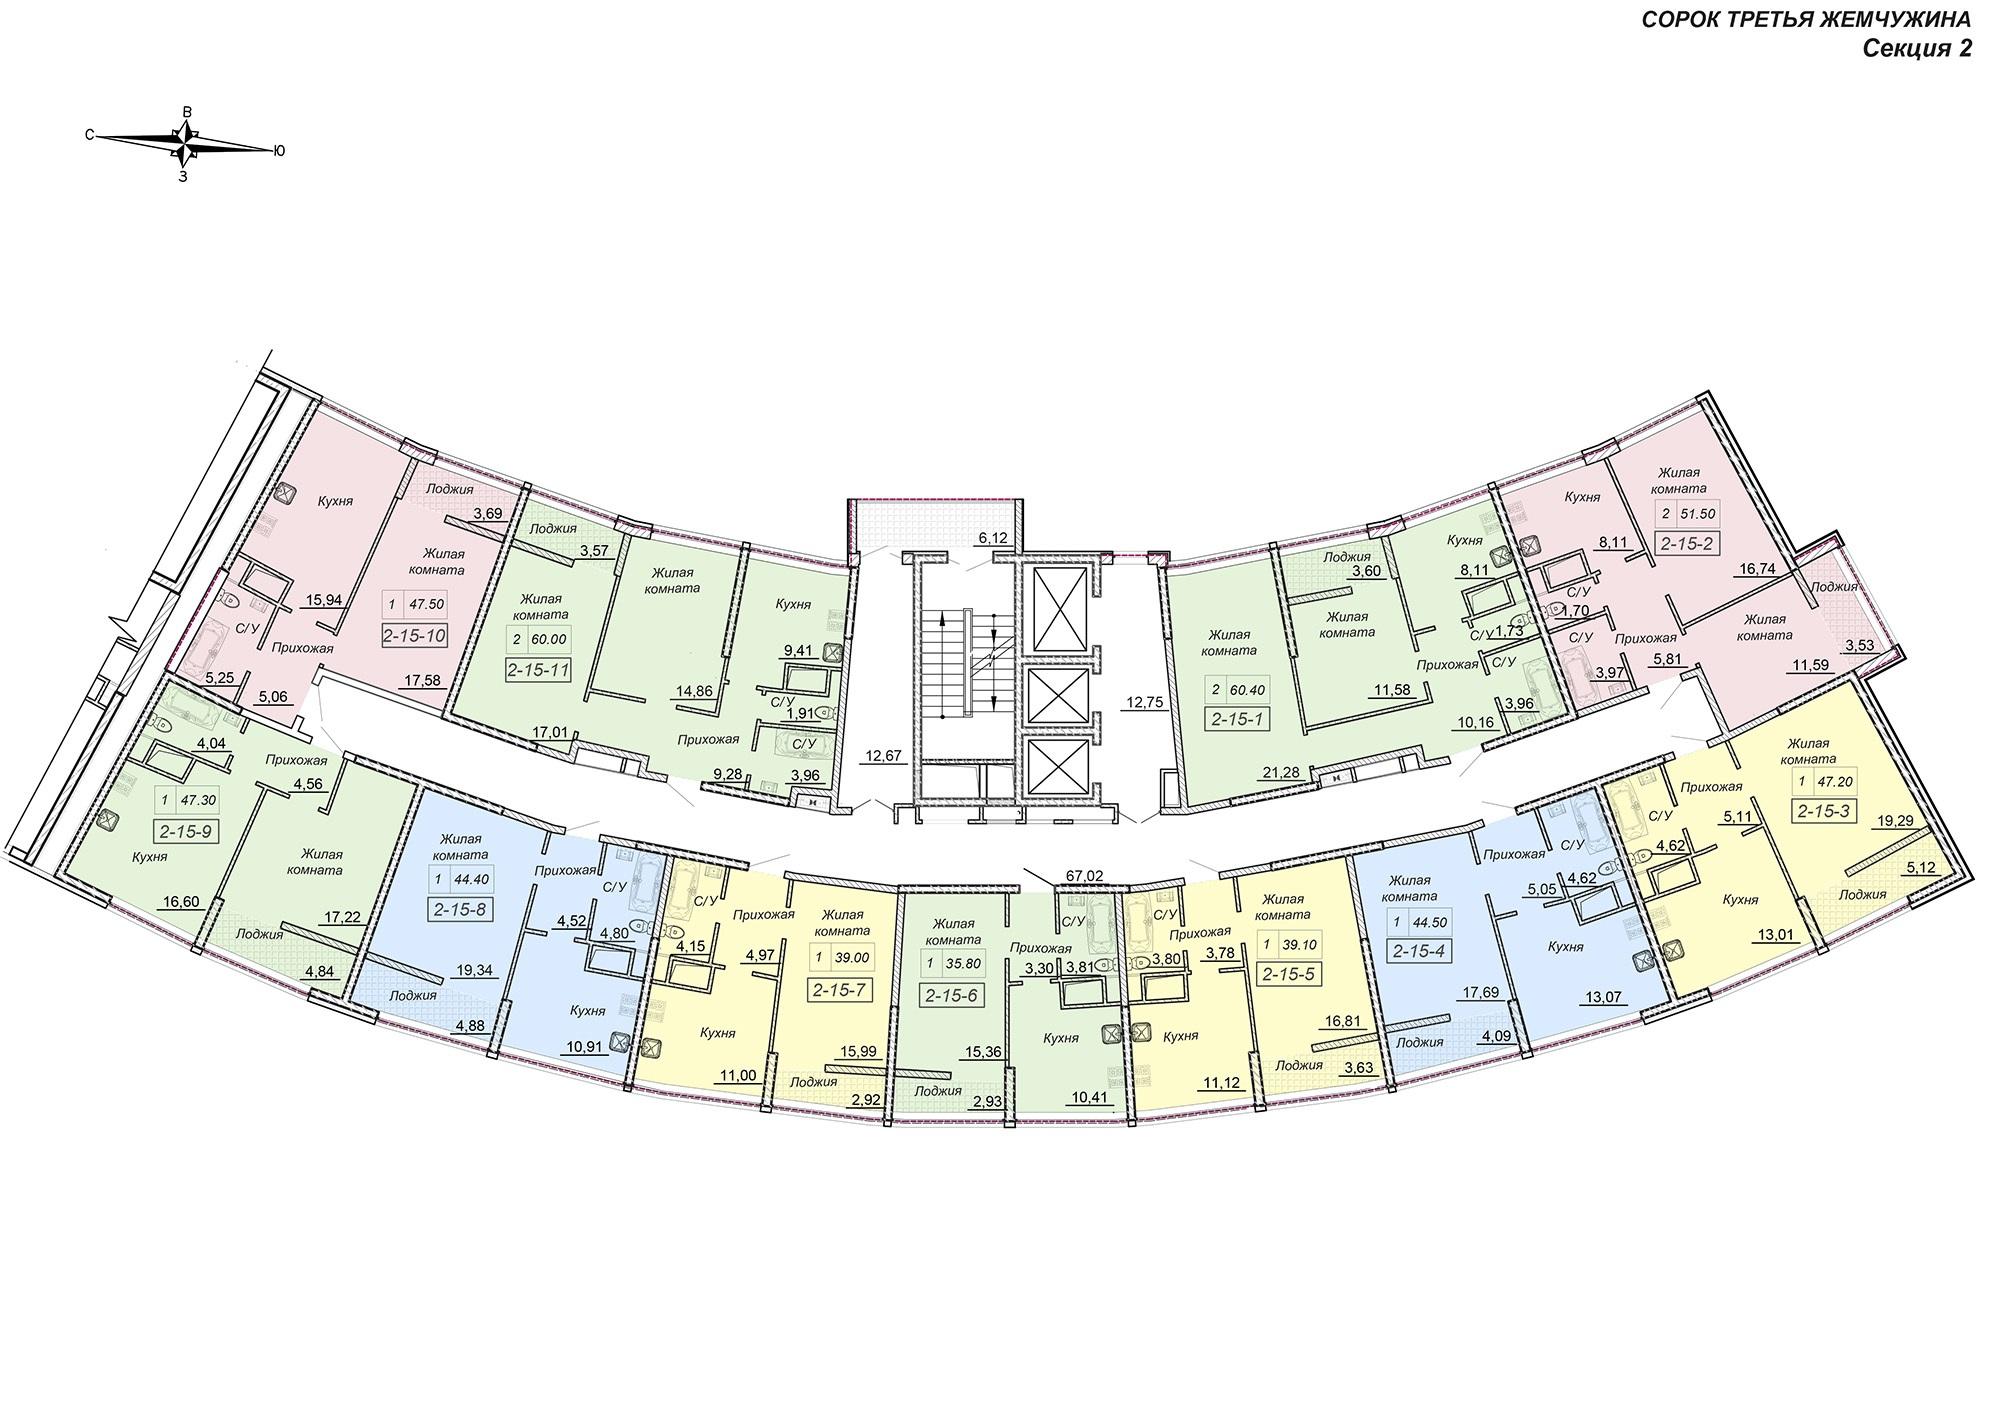 43 Жемчужина / Секция 2 / План типового этажа